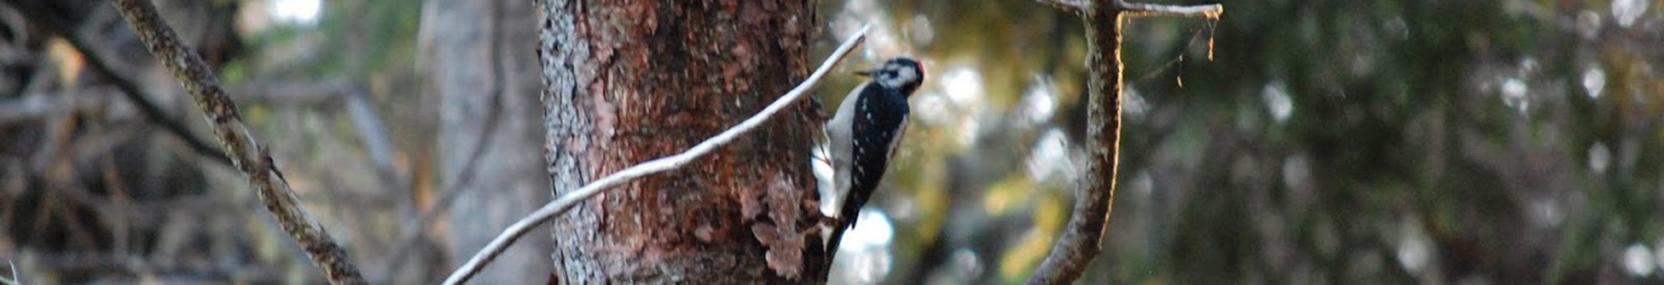 woodpecker by ricky satomi